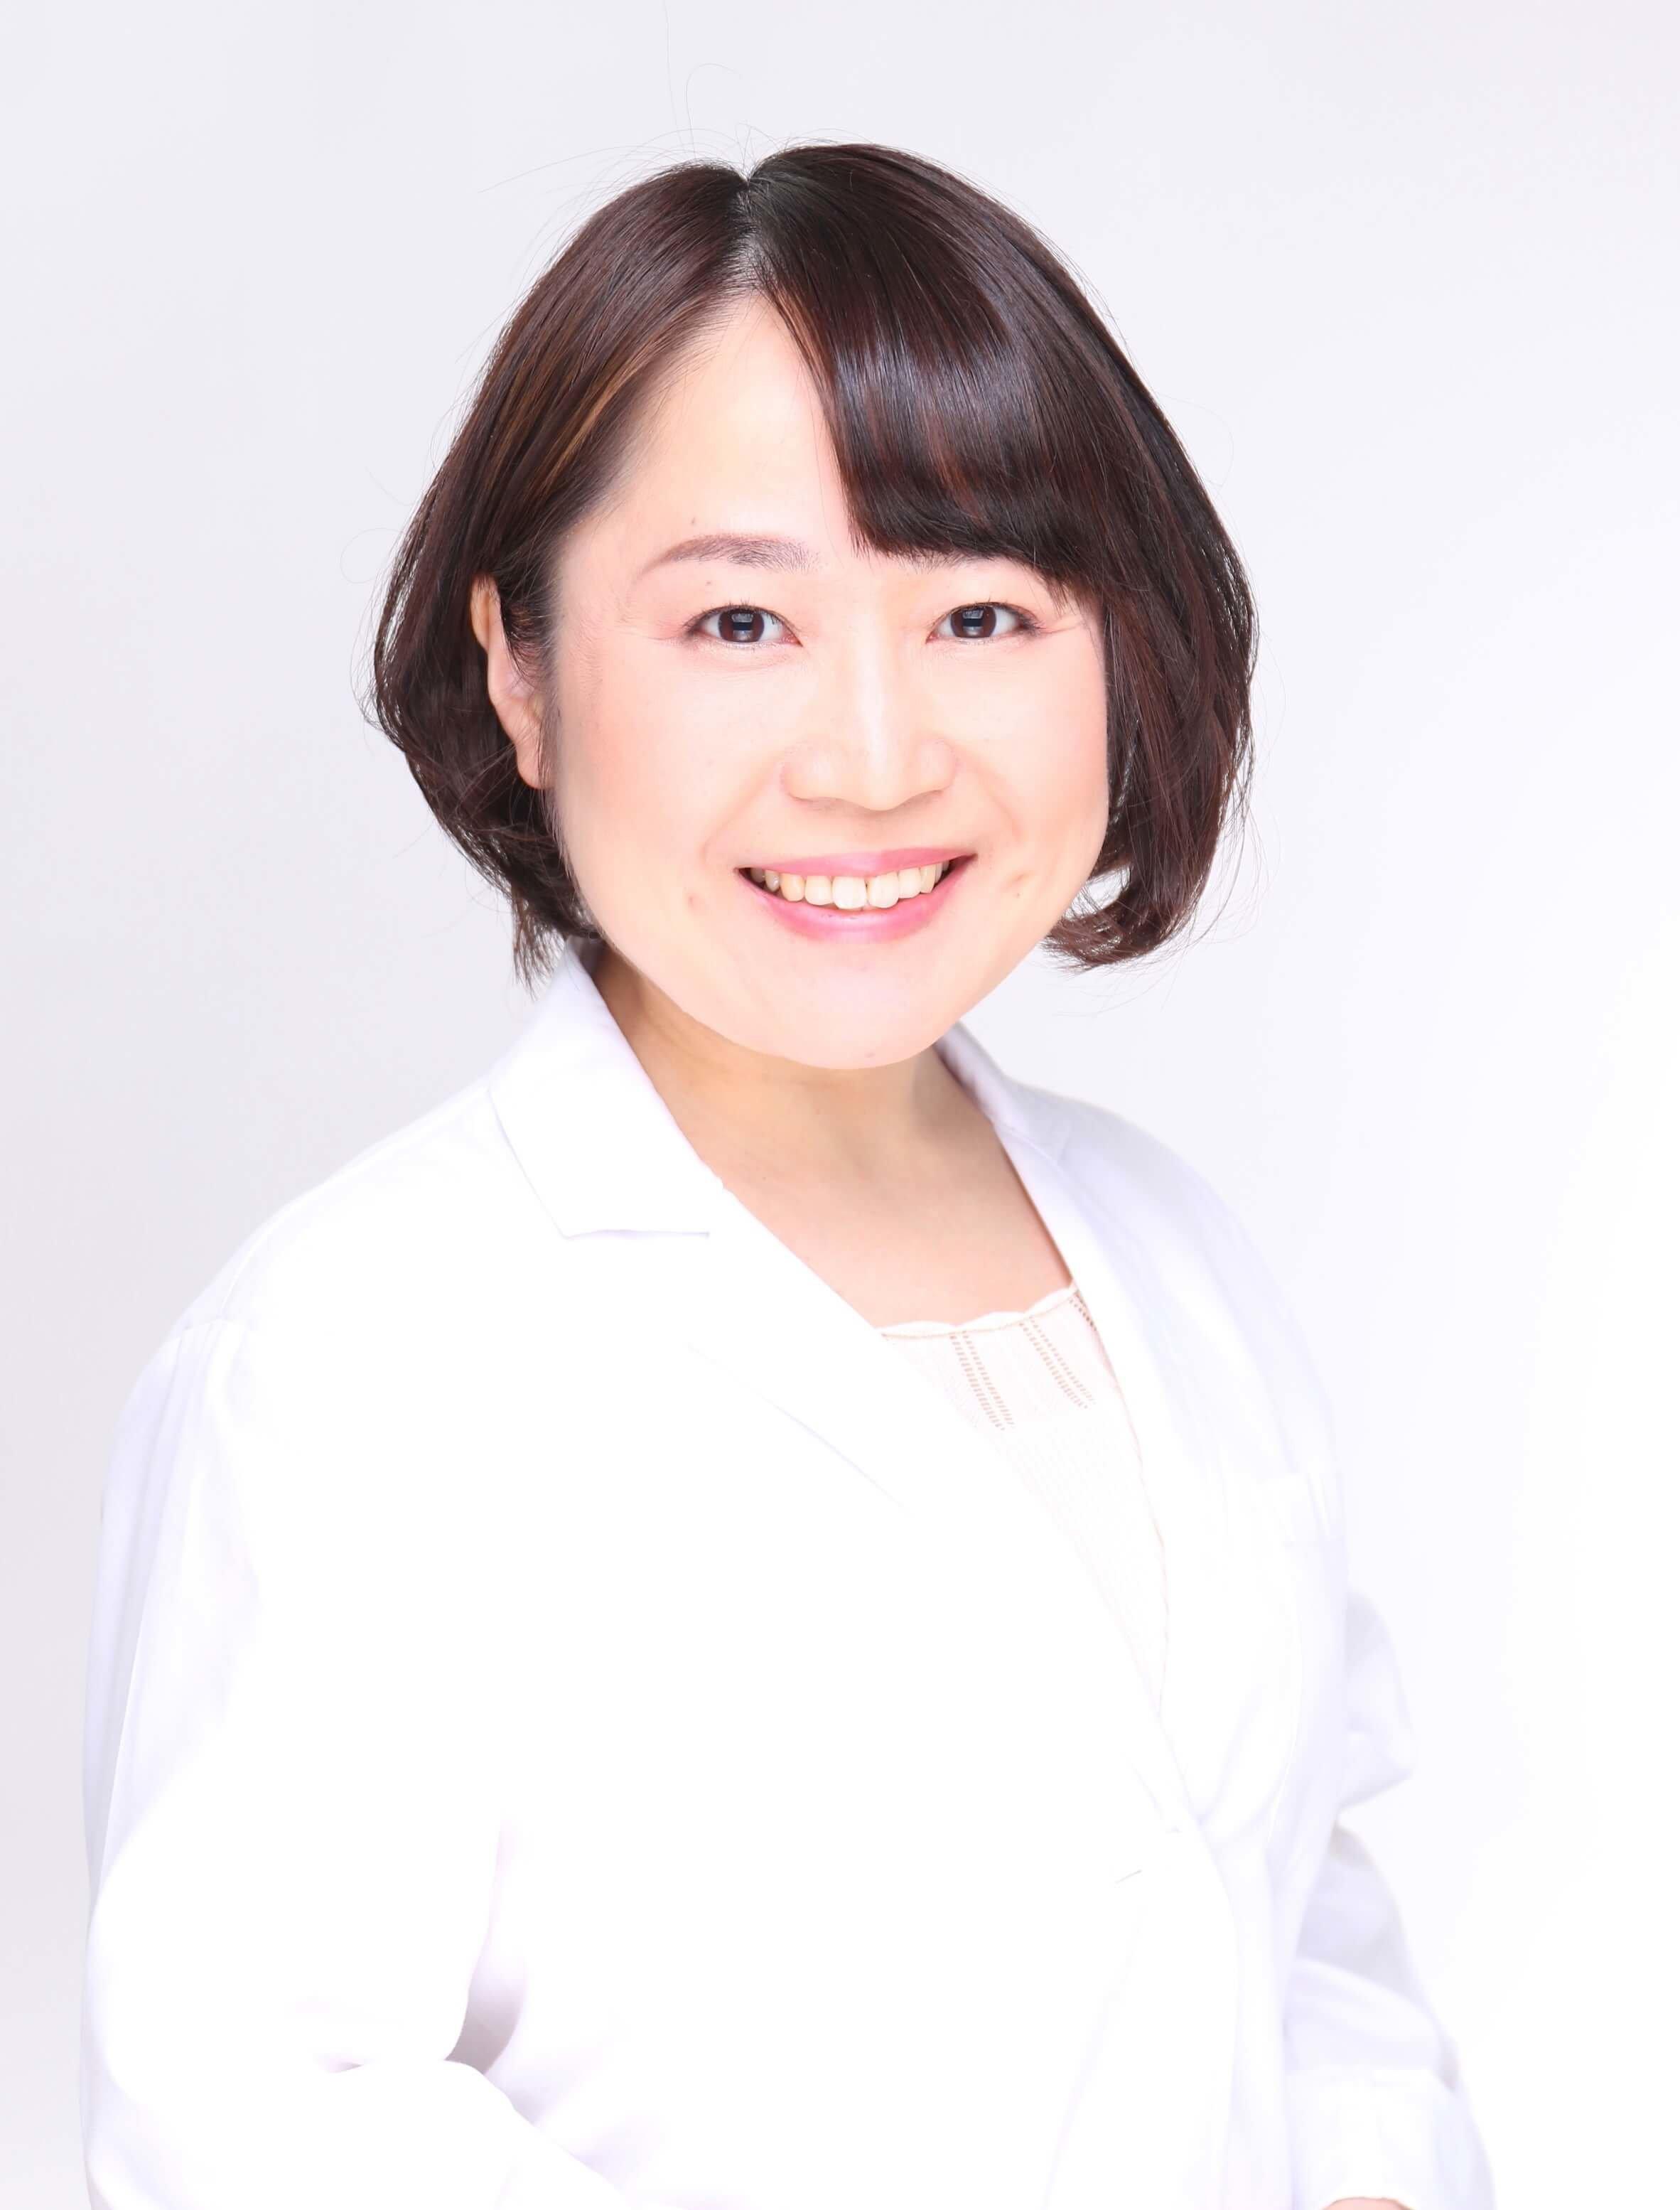 河村桃子|プロフィール|管理栄養士